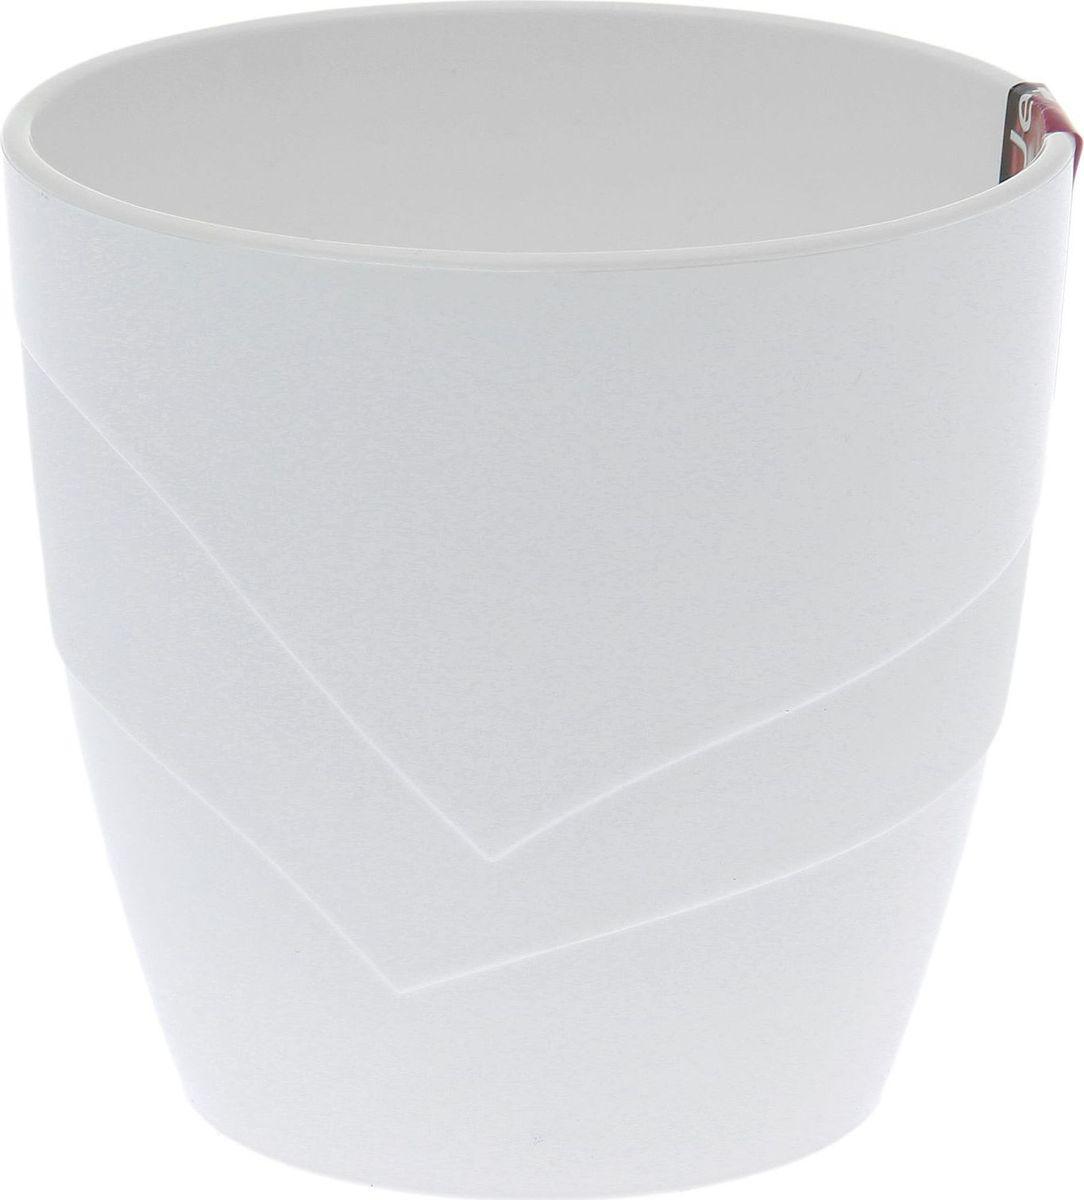 Кашпо JetPlast Грация, цвет: белый, 2 л1694309Каждому хозяину периодически приходит мысль обновить свою квартиру, сделать ремонт, перестановку или кардинально поменять внешний вид каждой комнаты. Кашпо Грация - привлекательная деталь, которая поможет воплотить вашу интерьерную идею, создать неповторимую атмосферу в вашем доме. Окружите себя приятными мелочами, пусть они радуют глаз и дарят гармонию.